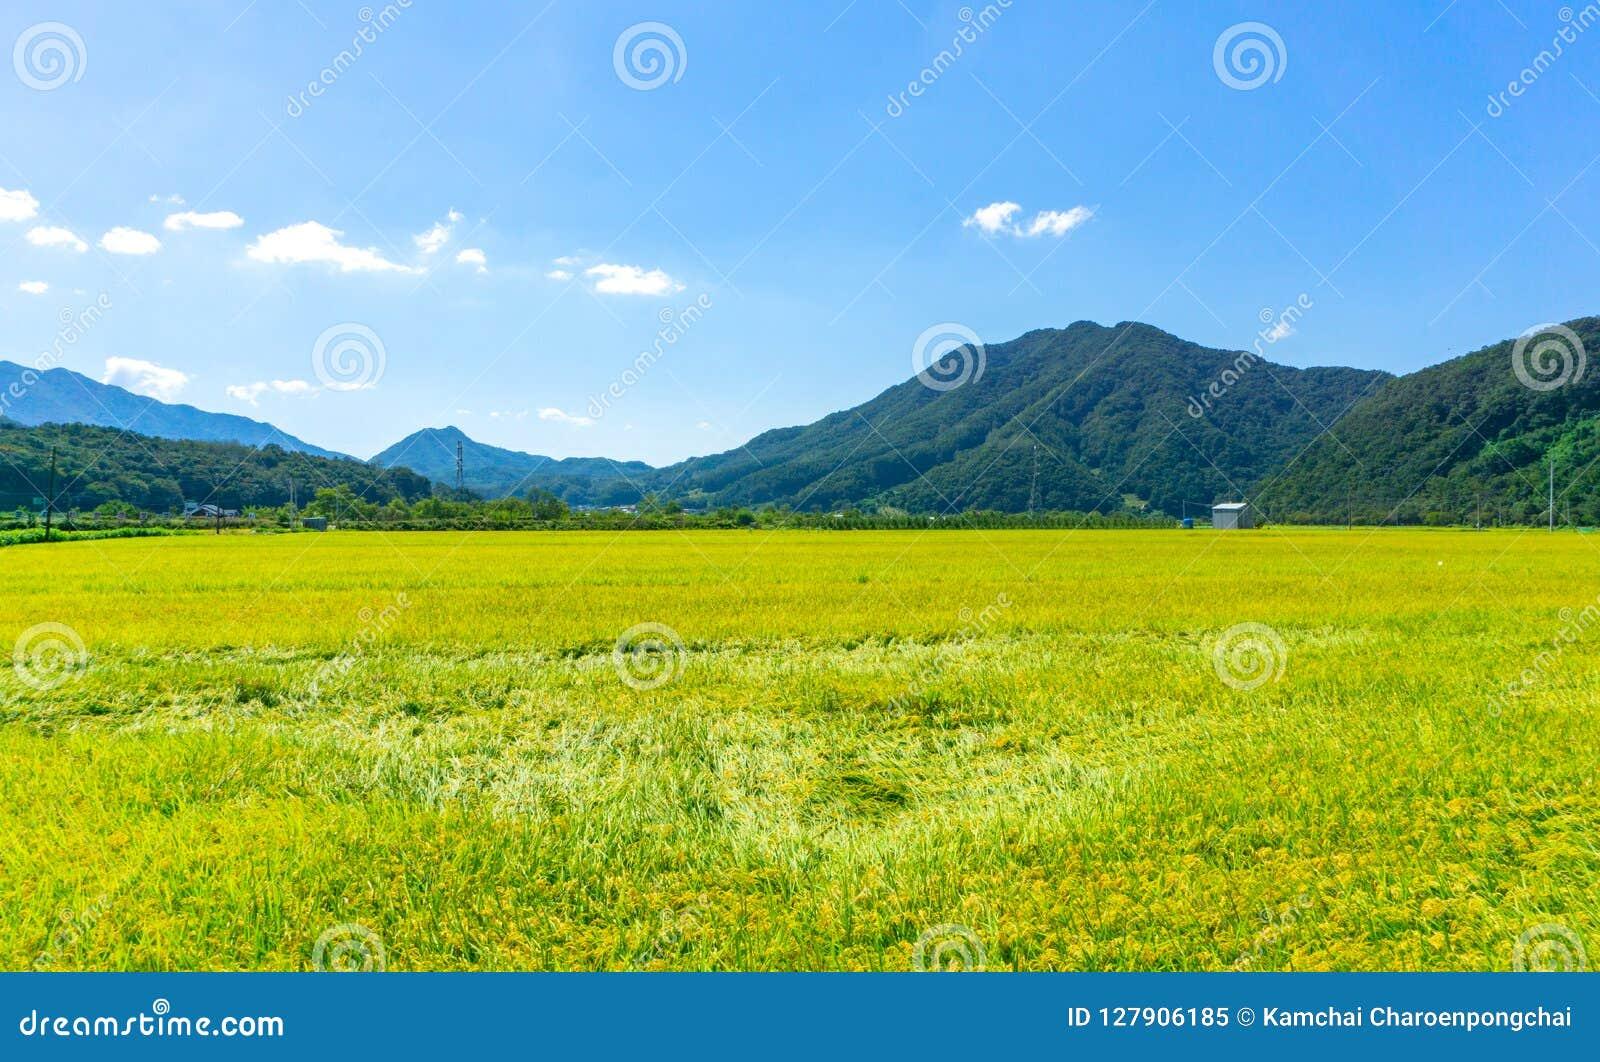 Поля рисовых полей в городской местности вокруг централи Южной Кореи с горой